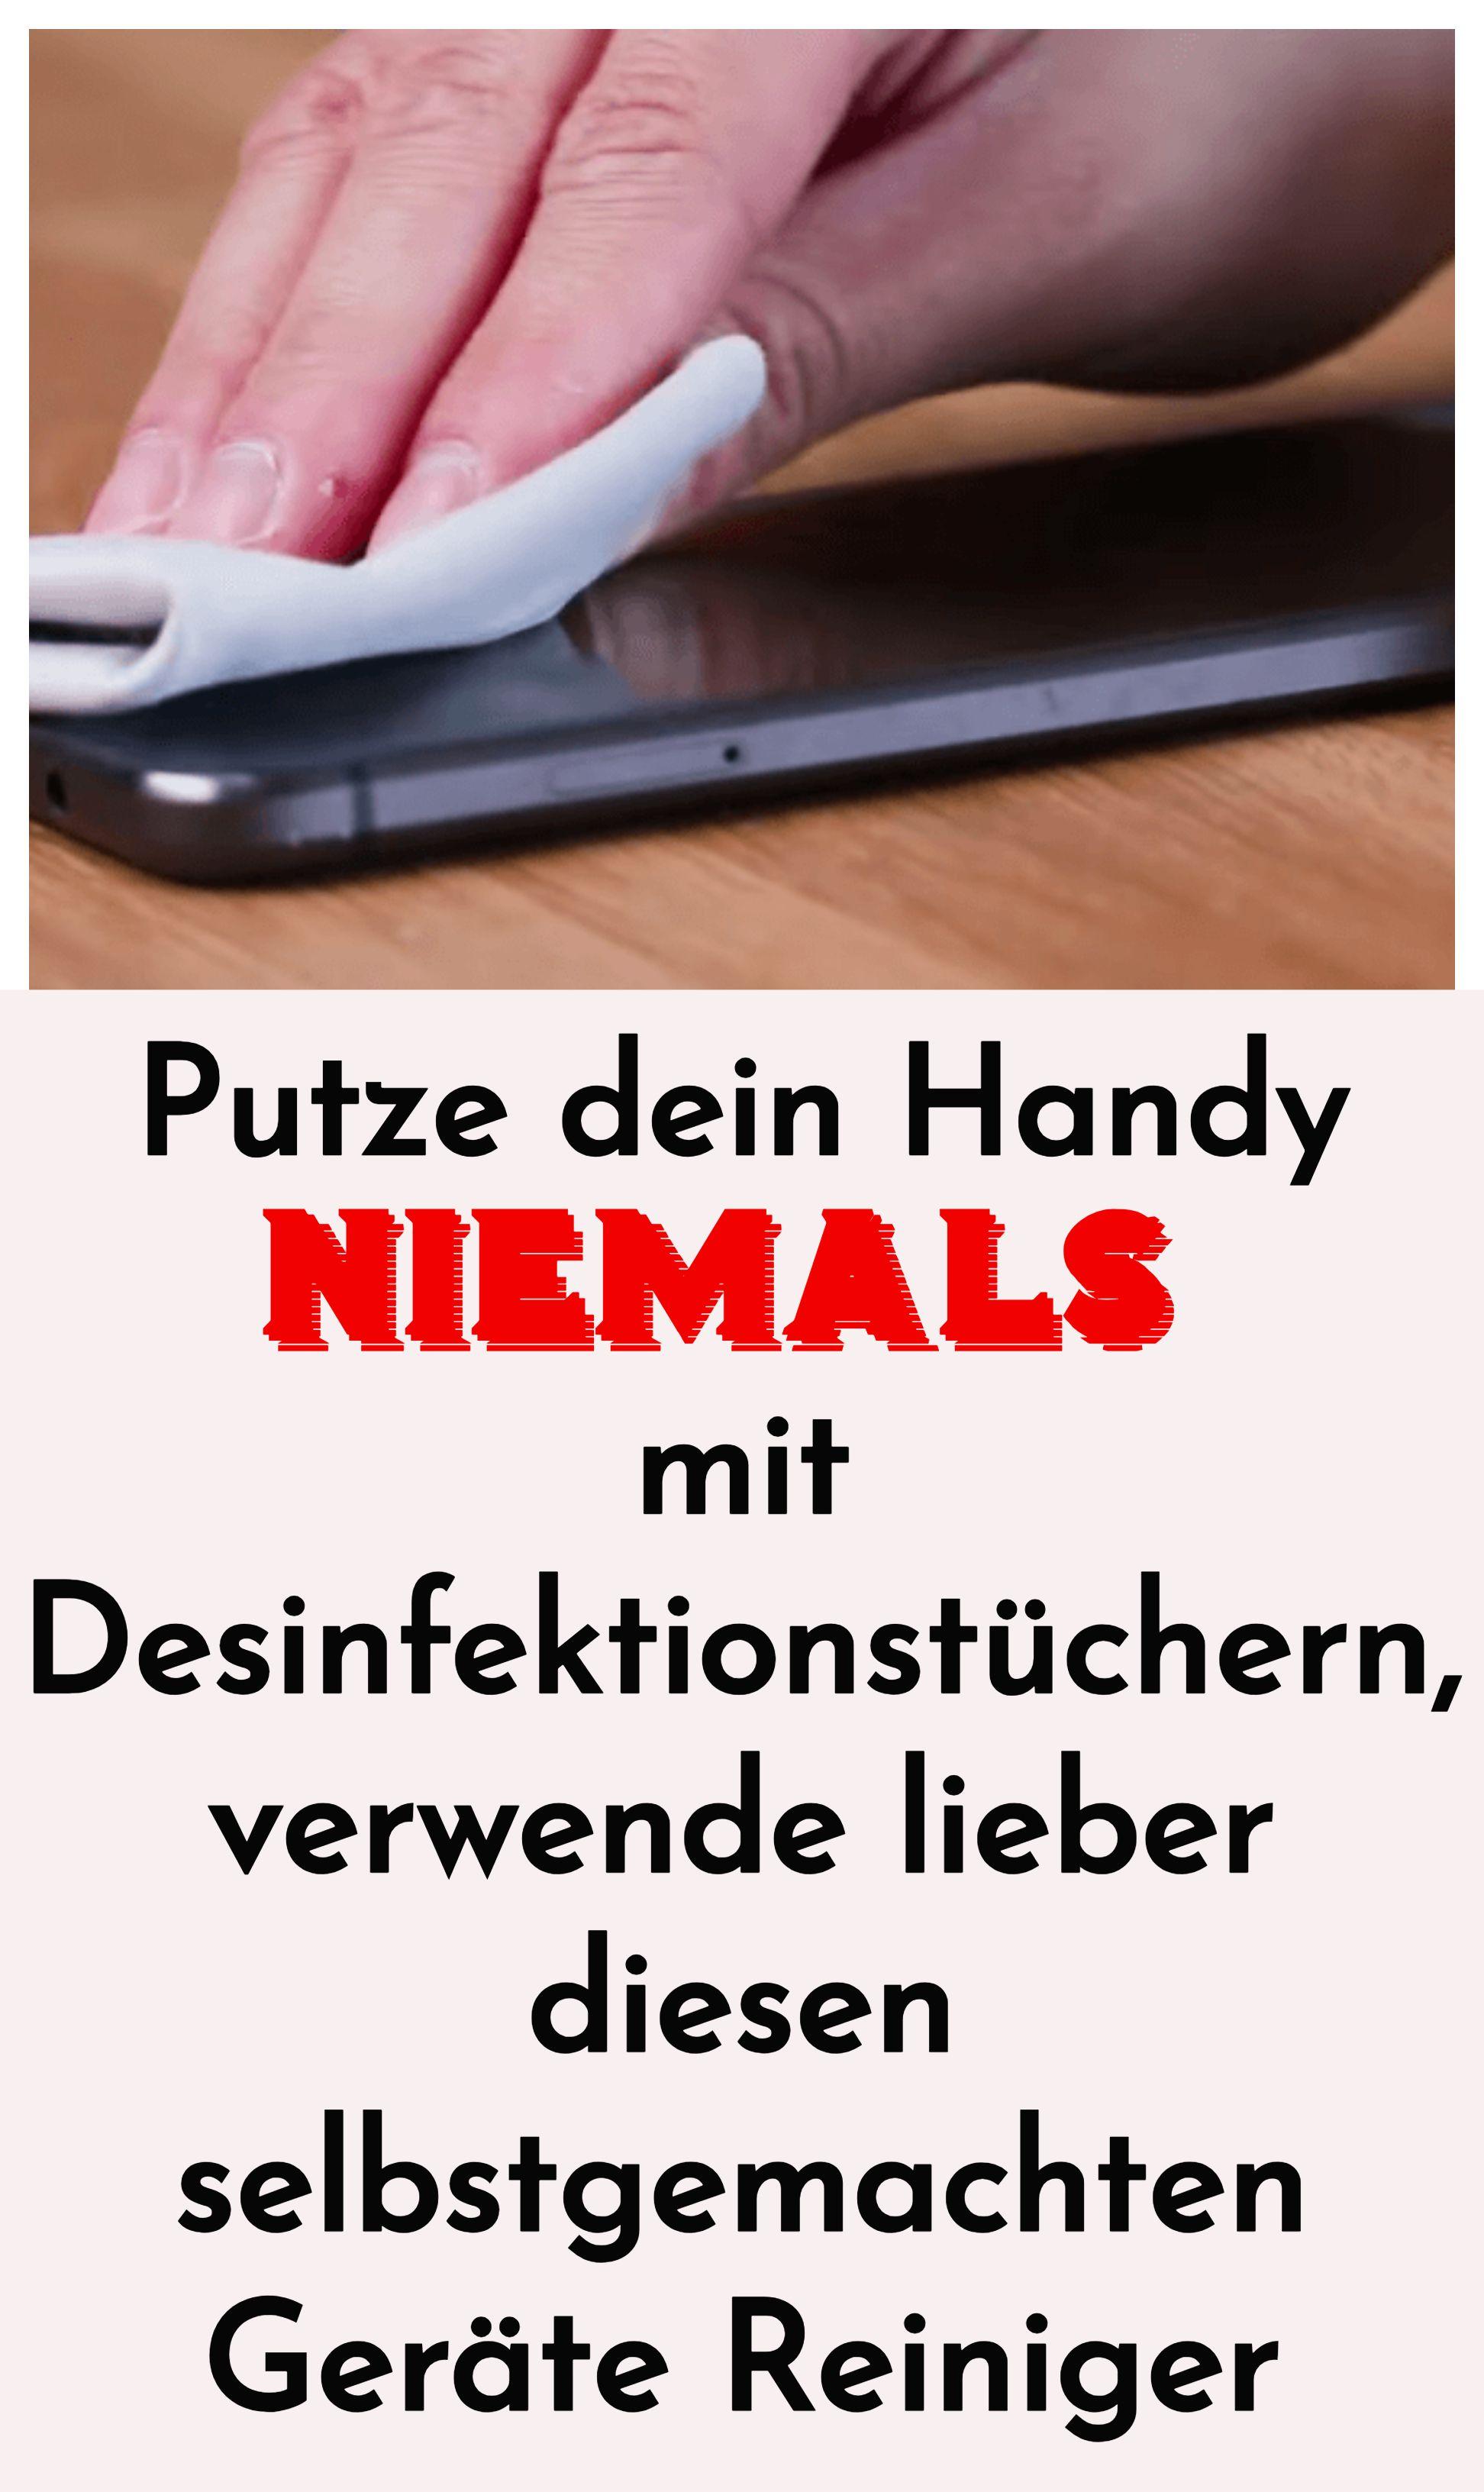 Putze Dein Handy Niemals Mit Desinfektionstuchern Verwende Lieber